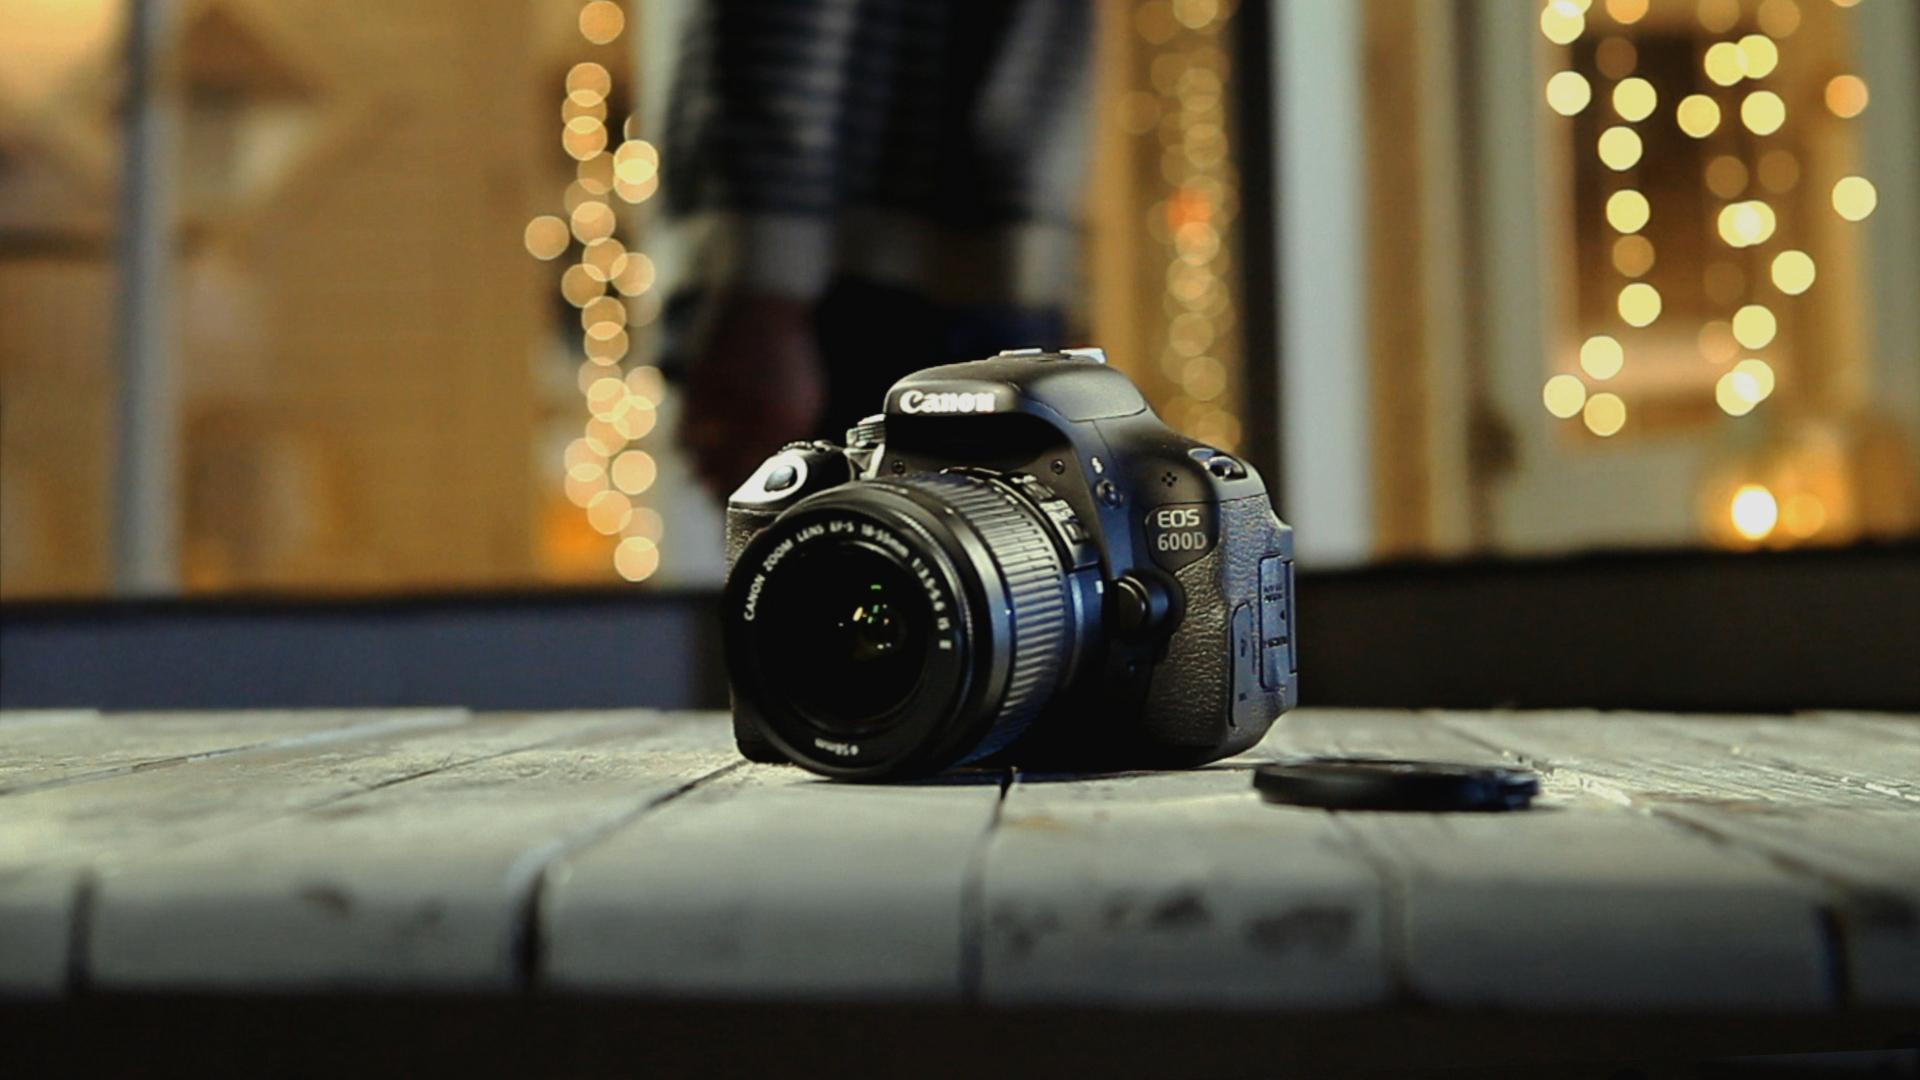 Prise en main et test du Canon 600D